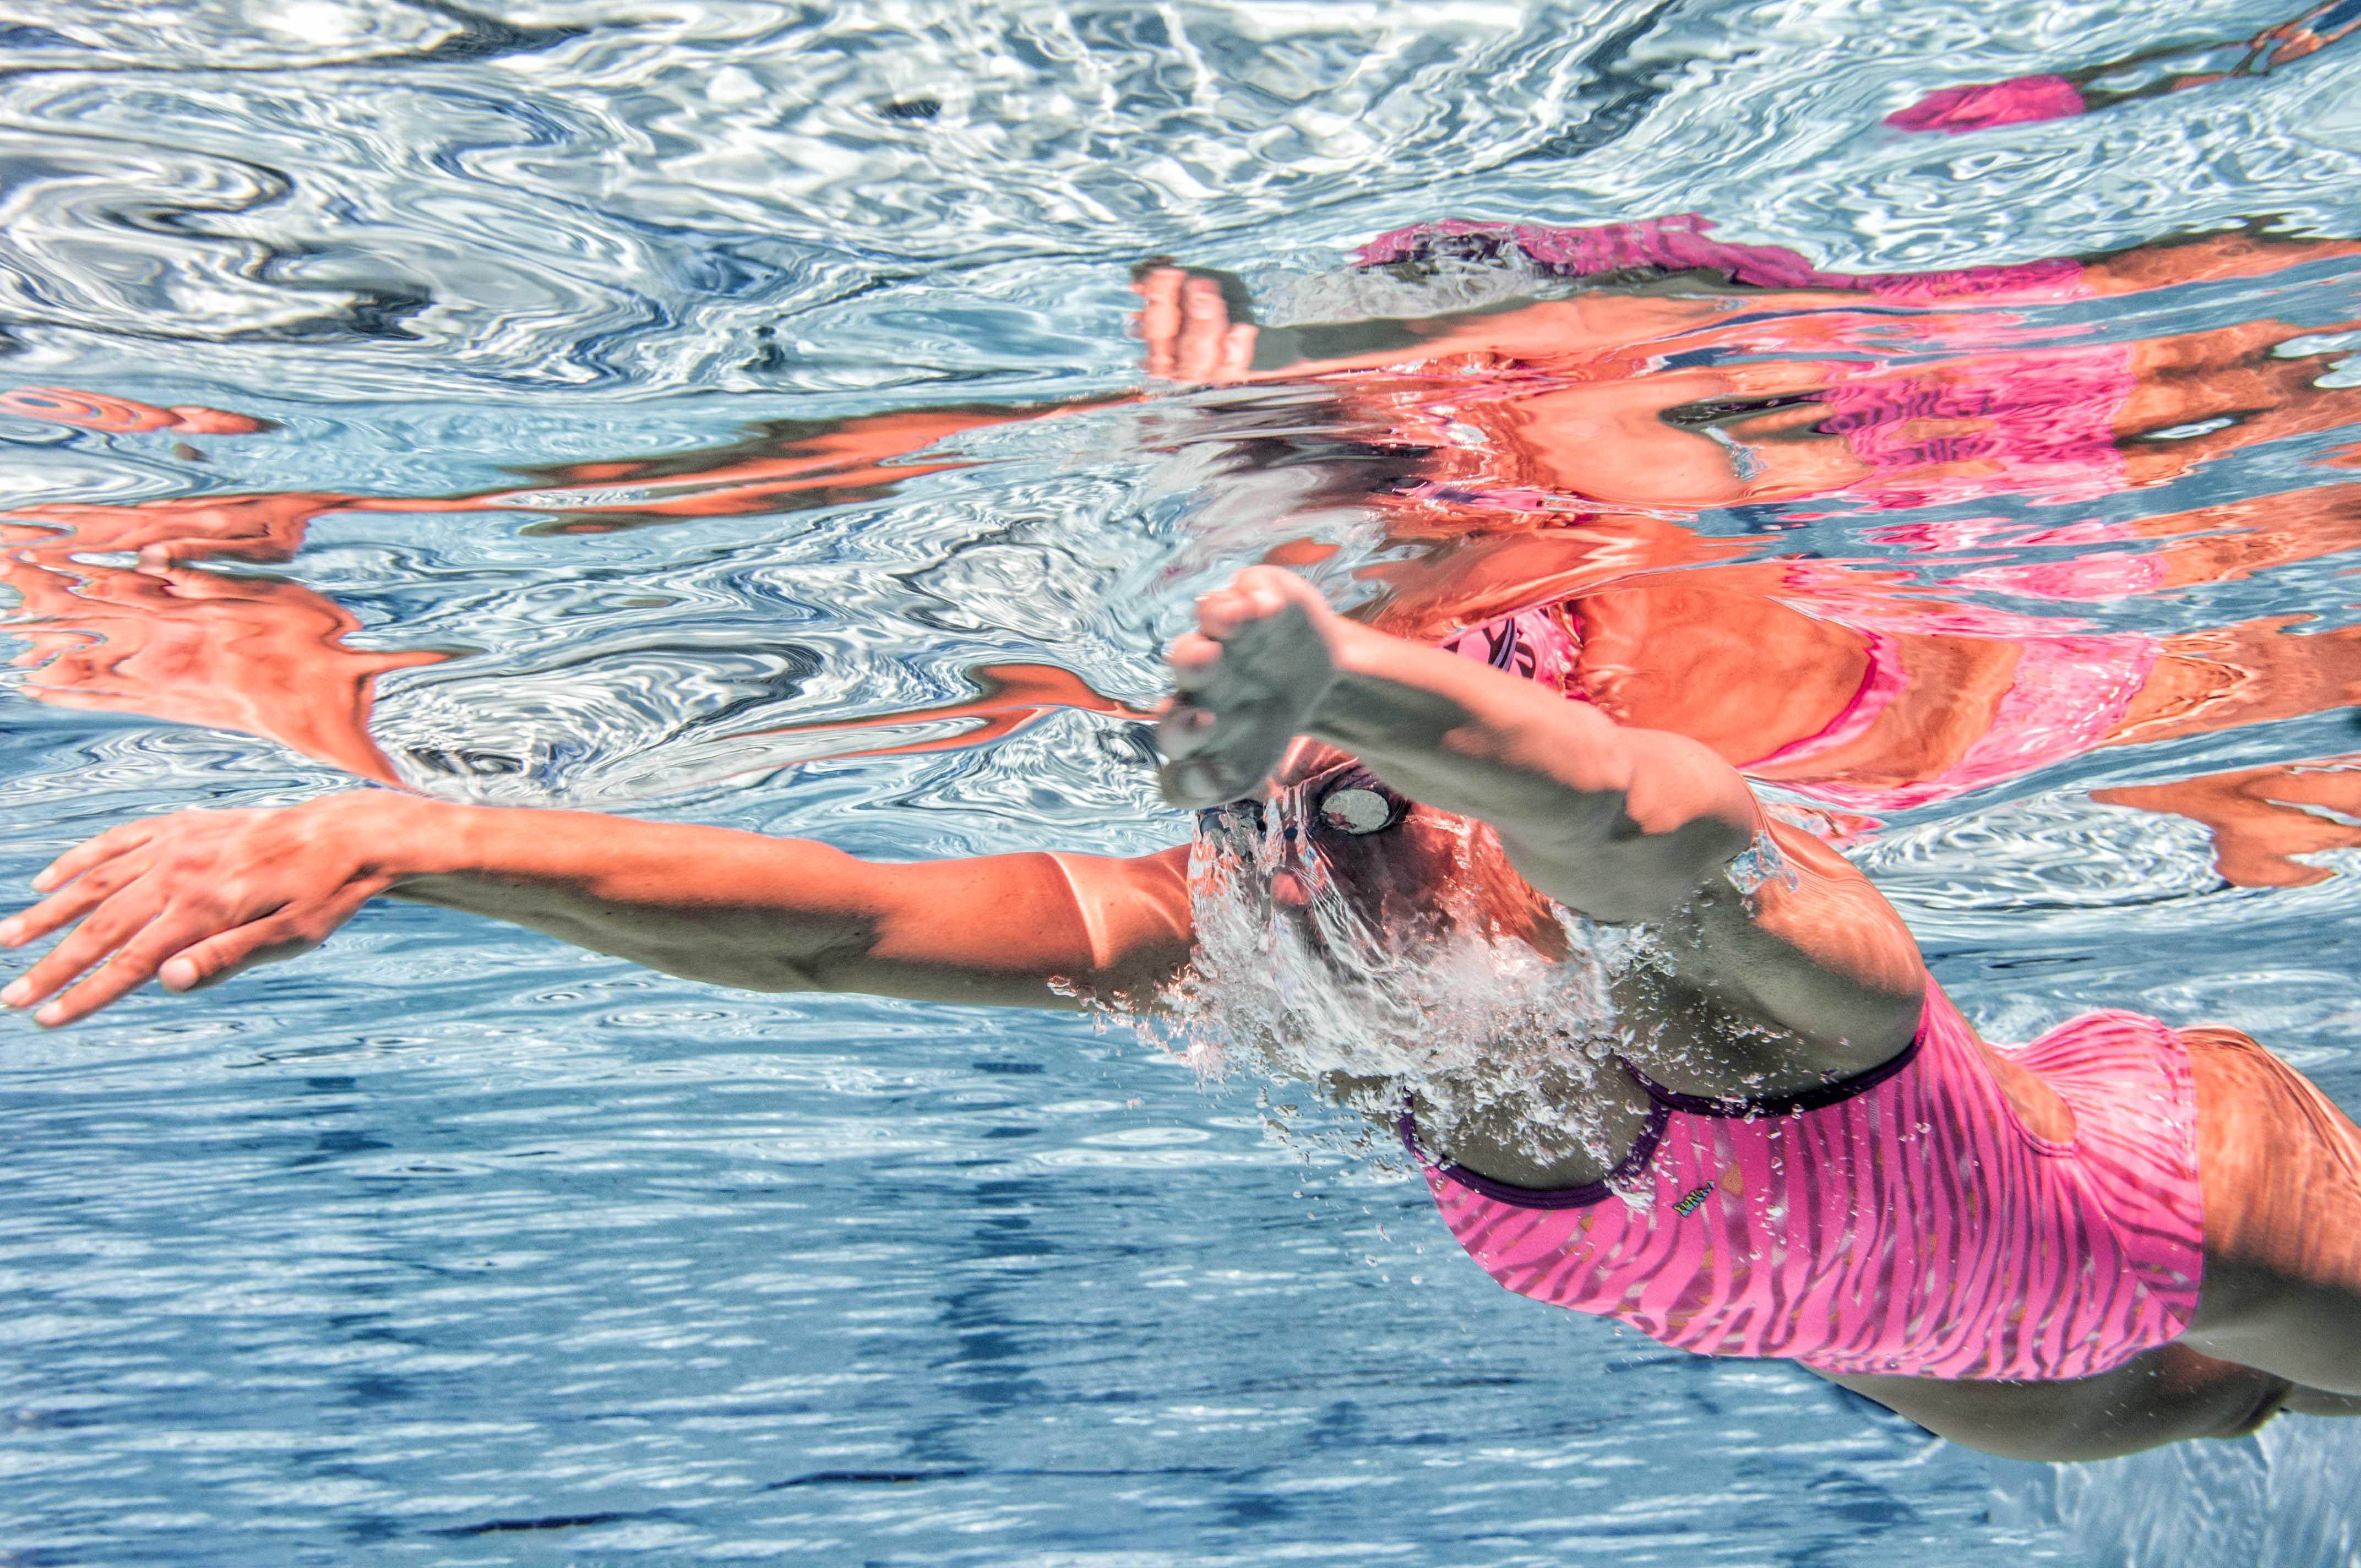 Swimmer Biomechanics